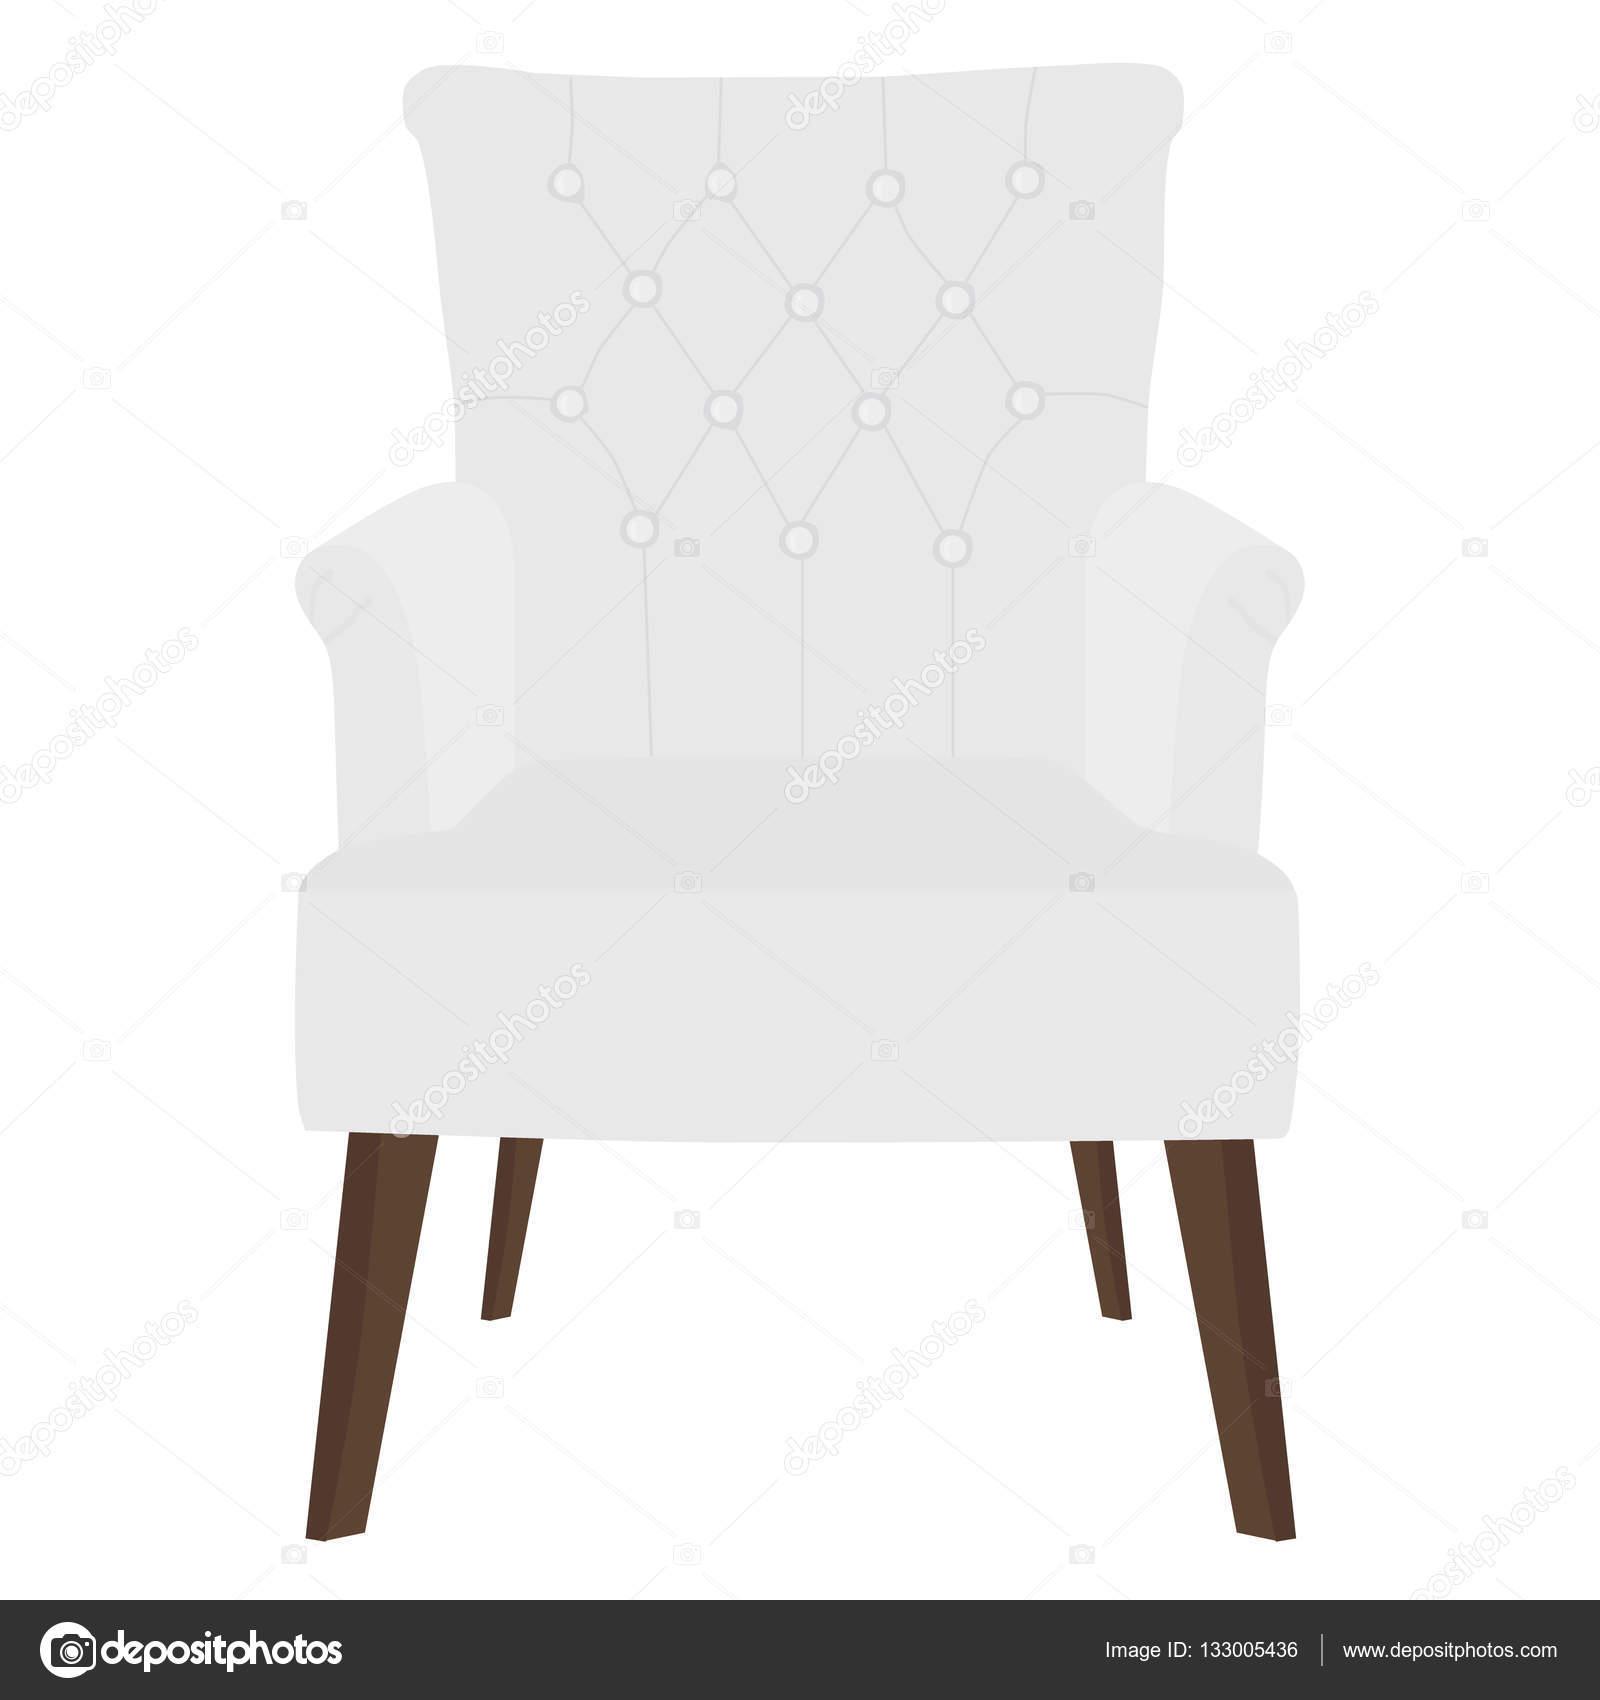 Fauteuil blanc moderne — Image vectorielle viktorijareut ©